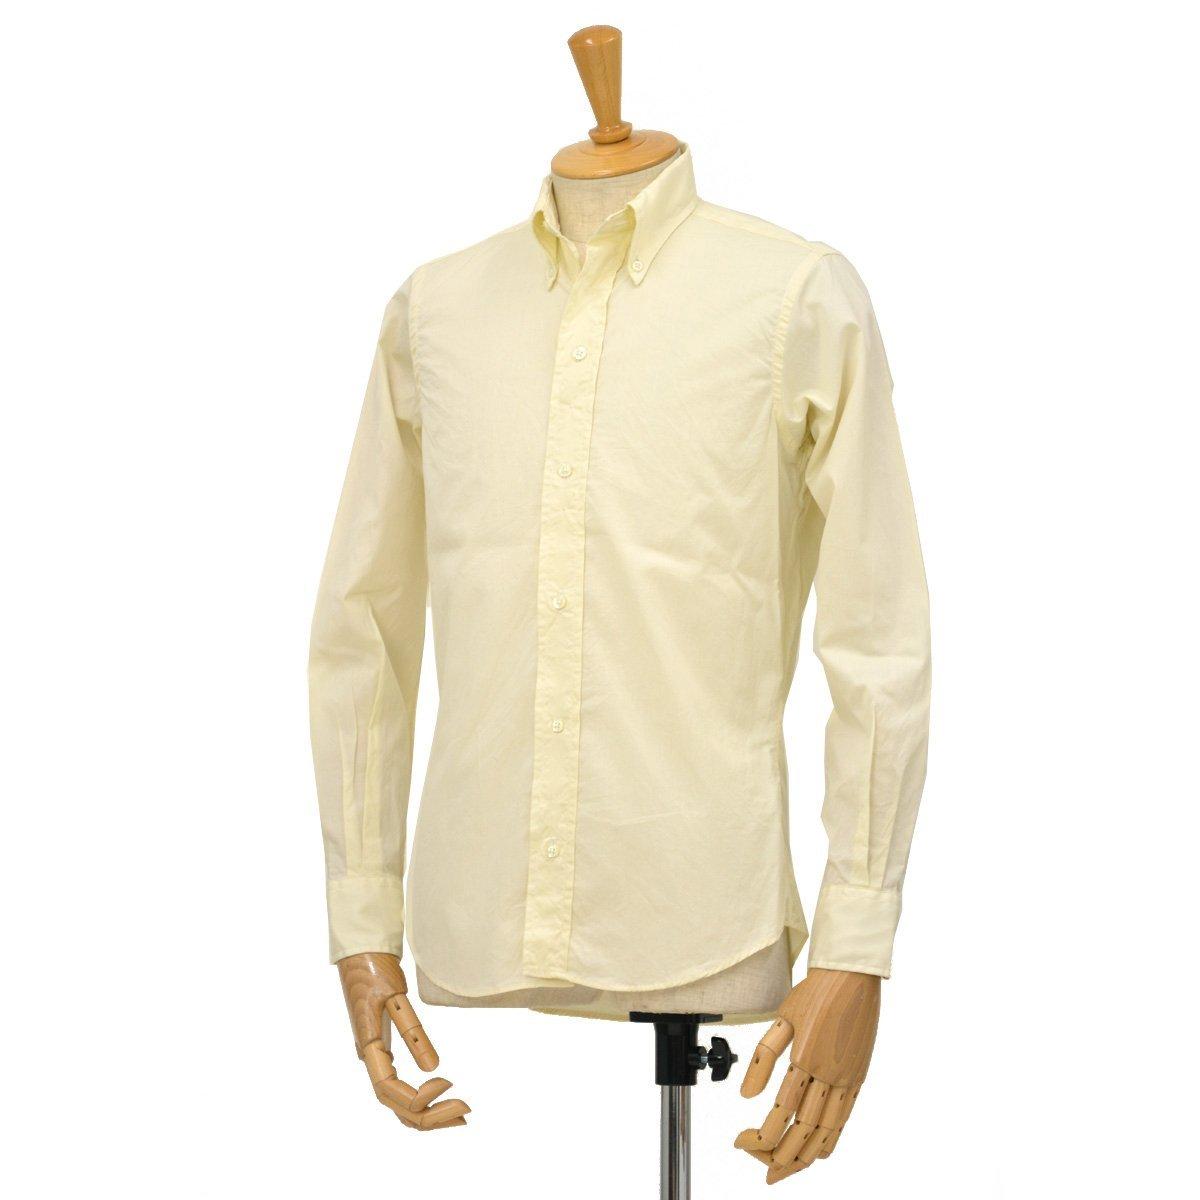 【ご予約受付中!】[INDIVIDUALIZED SHIRTS×RESOLUTE(林 芳亨氏) Special Model(Front 6 Button)【インディビジュアライズドシャツ×リゾルト】]ボタンダウンシャツ ピンポイントオックス エクリュ B07FXD1MS8 15